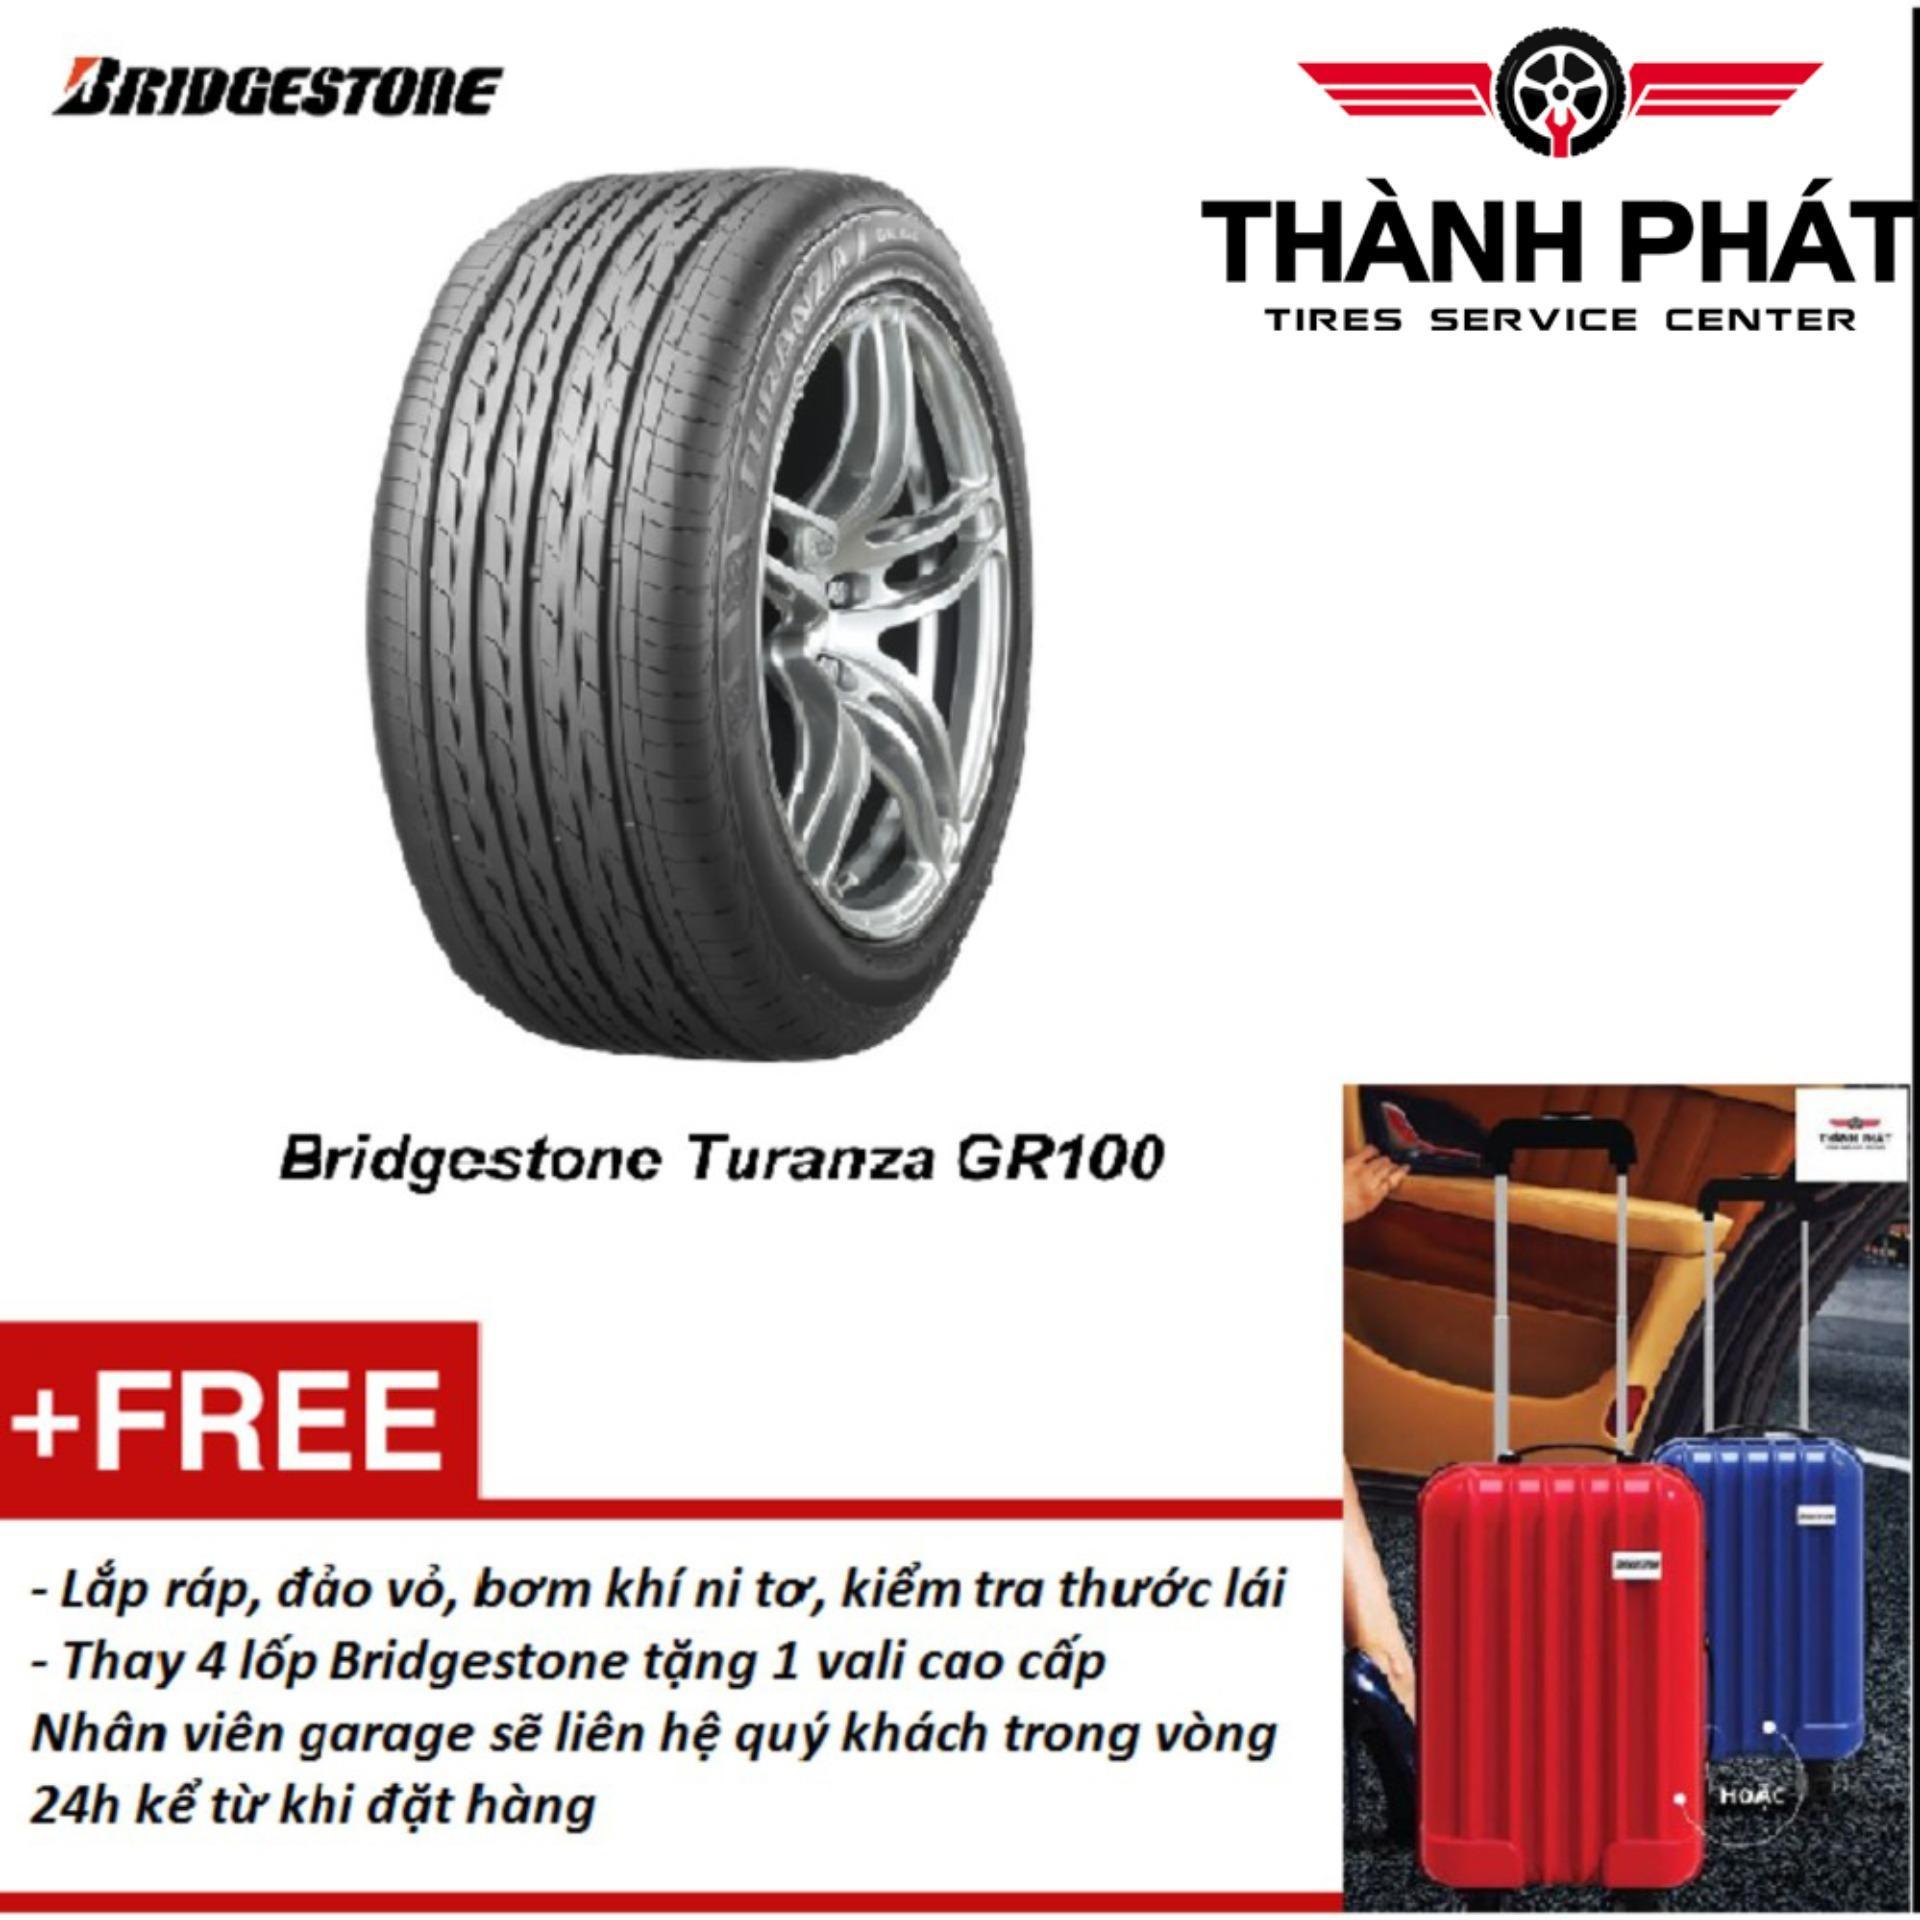 Lốp xe ô tô Bridgestone Turanza 245/50R18 Miễn phí lắp đặt Nhật Bản